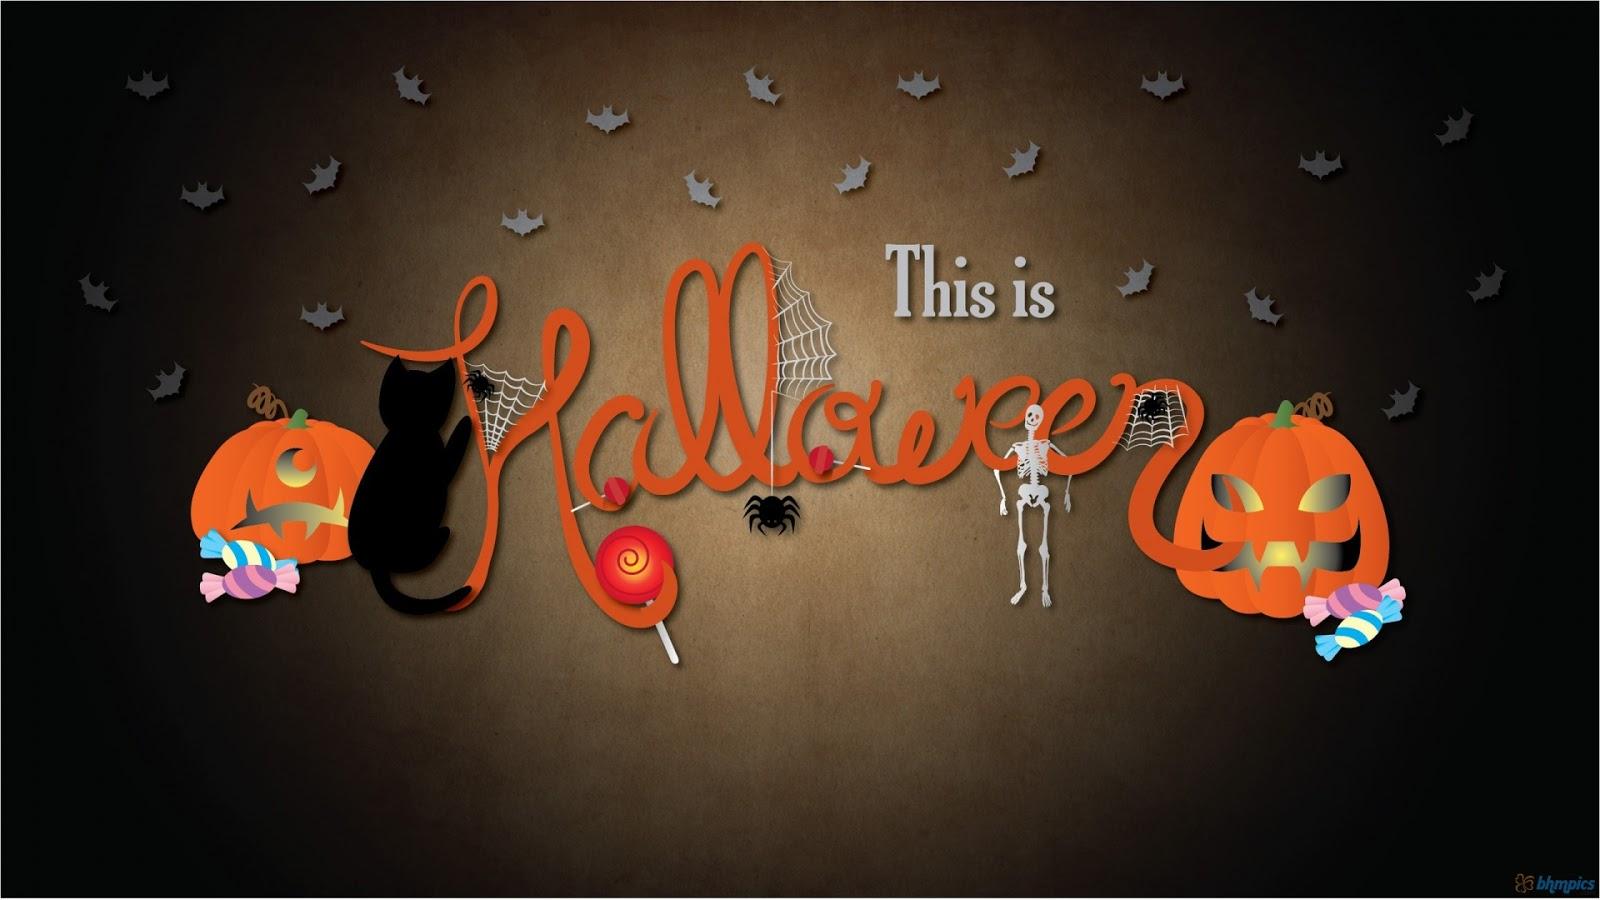 http://3.bp.blogspot.com/-vPhnNBAq1i0/UHbjWncc9AI/AAAAAAAAHOc/AsfCn9Tm2cc/s1600/Free+Halloween+Desktop+Wallpaper+005.jpg